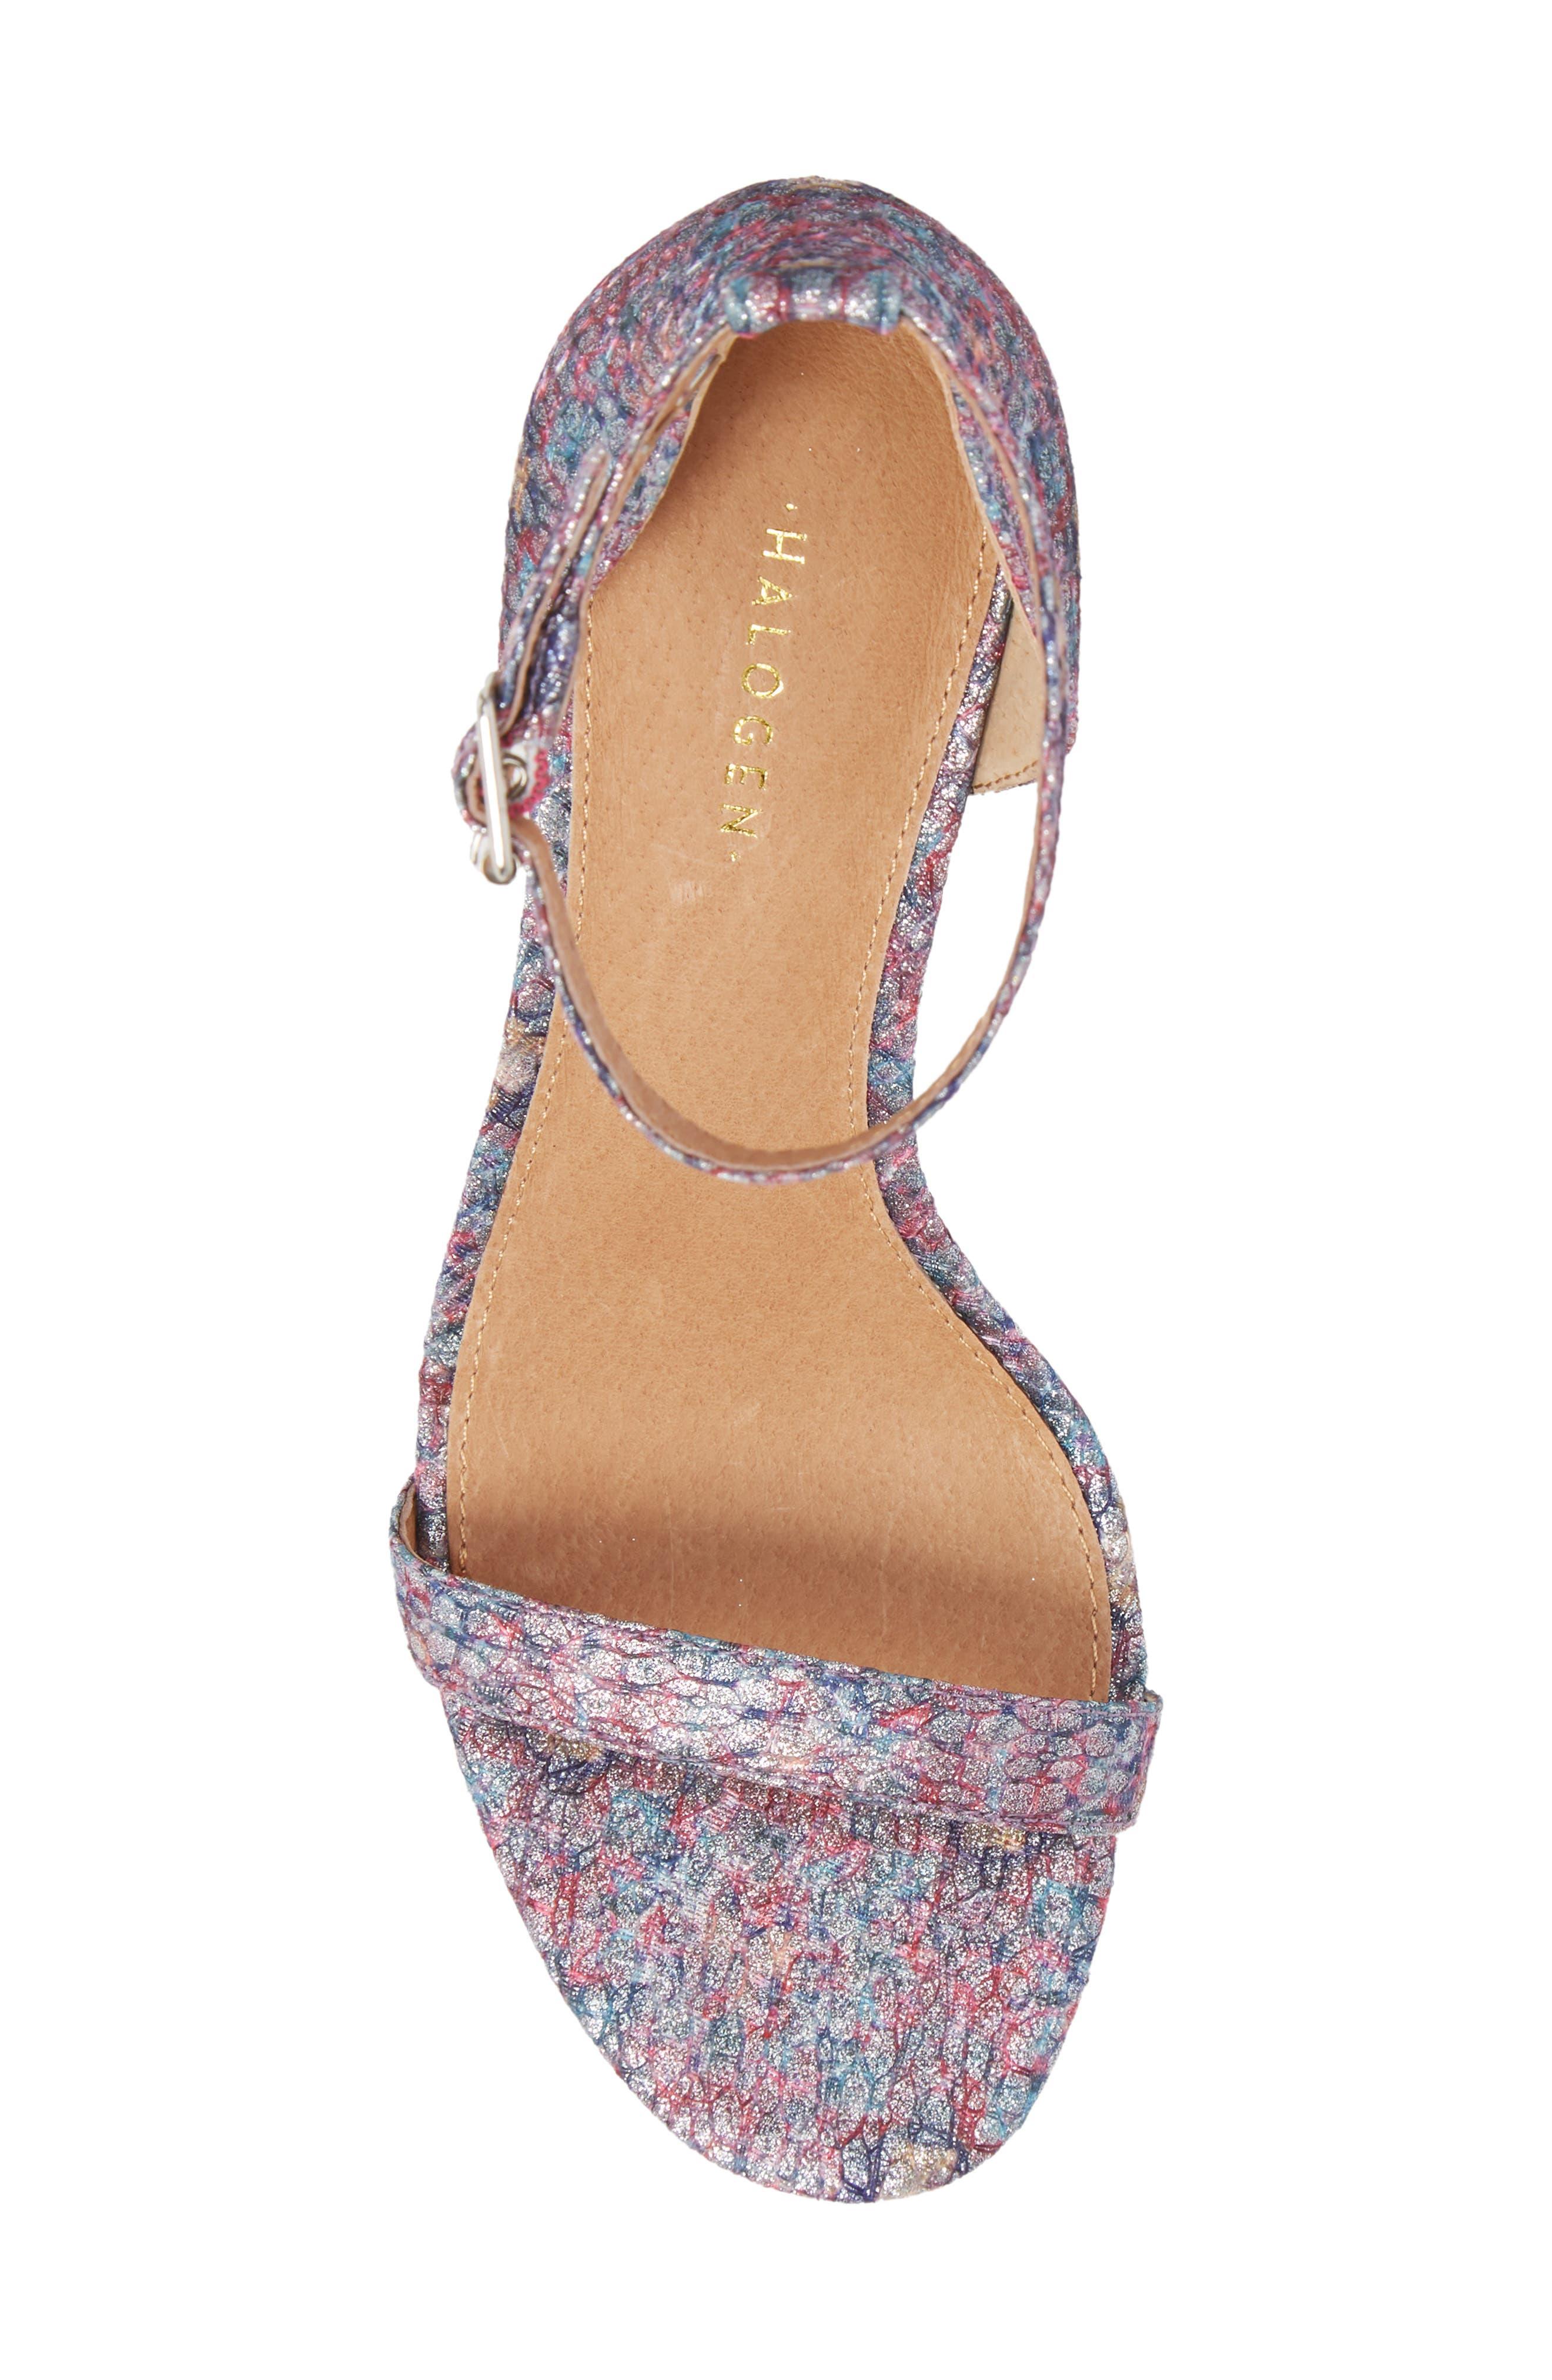 Audrey Ankle Strap Sandal,                             Alternate thumbnail 101, color,